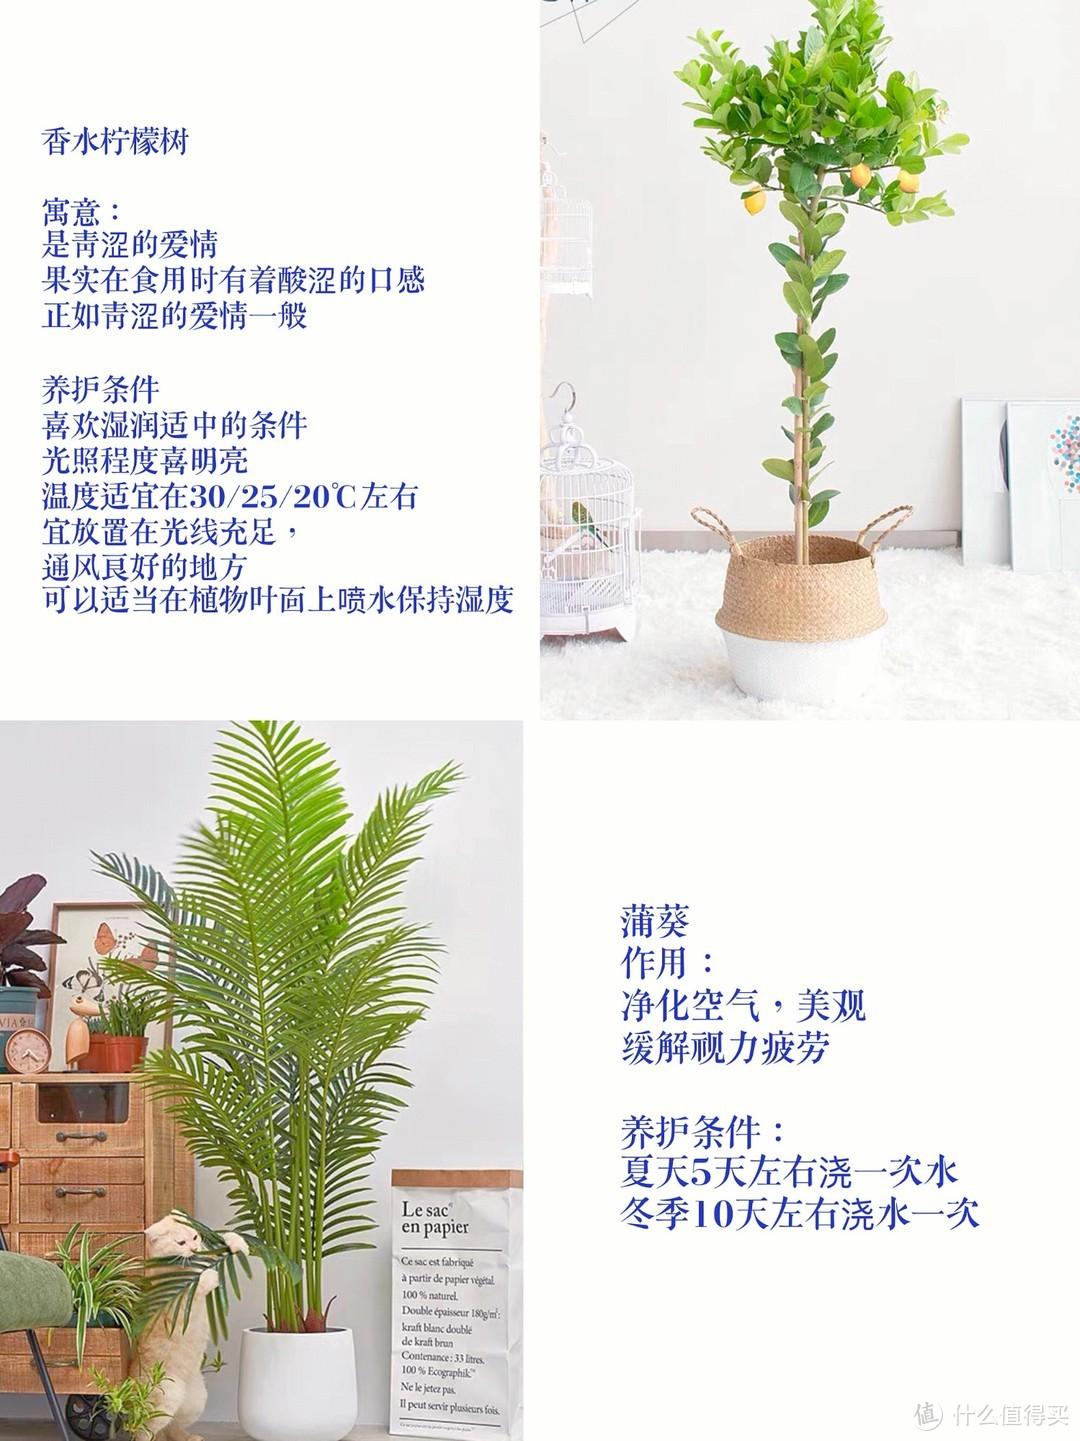 ins博主同款的9种网红绿植🌵附养护说明